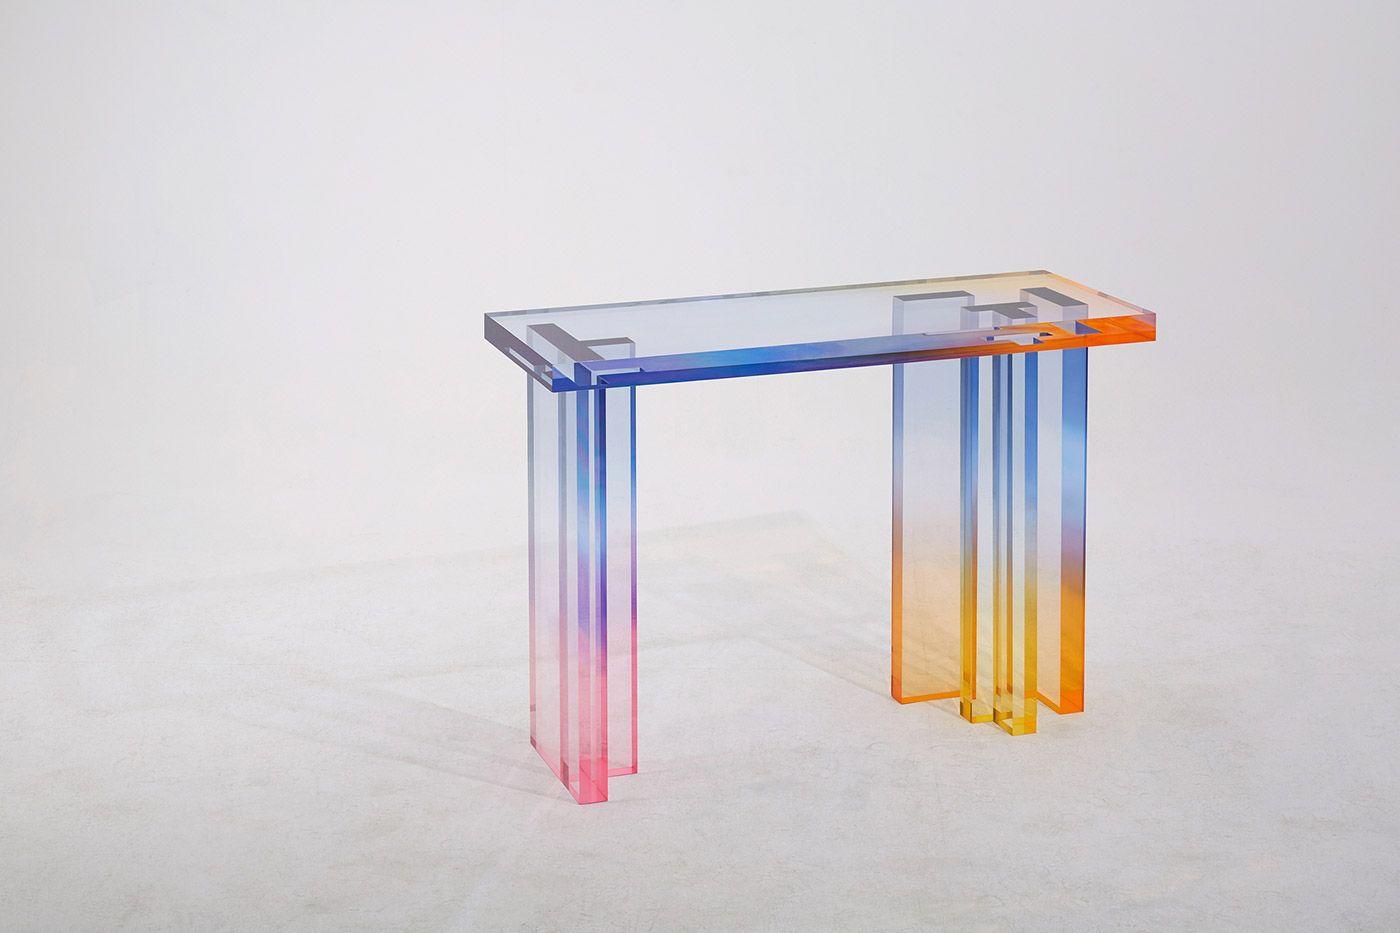 Colourful Glass Tables Mindsparkle Mag Acrylic Furniture Design Glass Table Glass Furniture [ 933 x 1400 Pixel ]